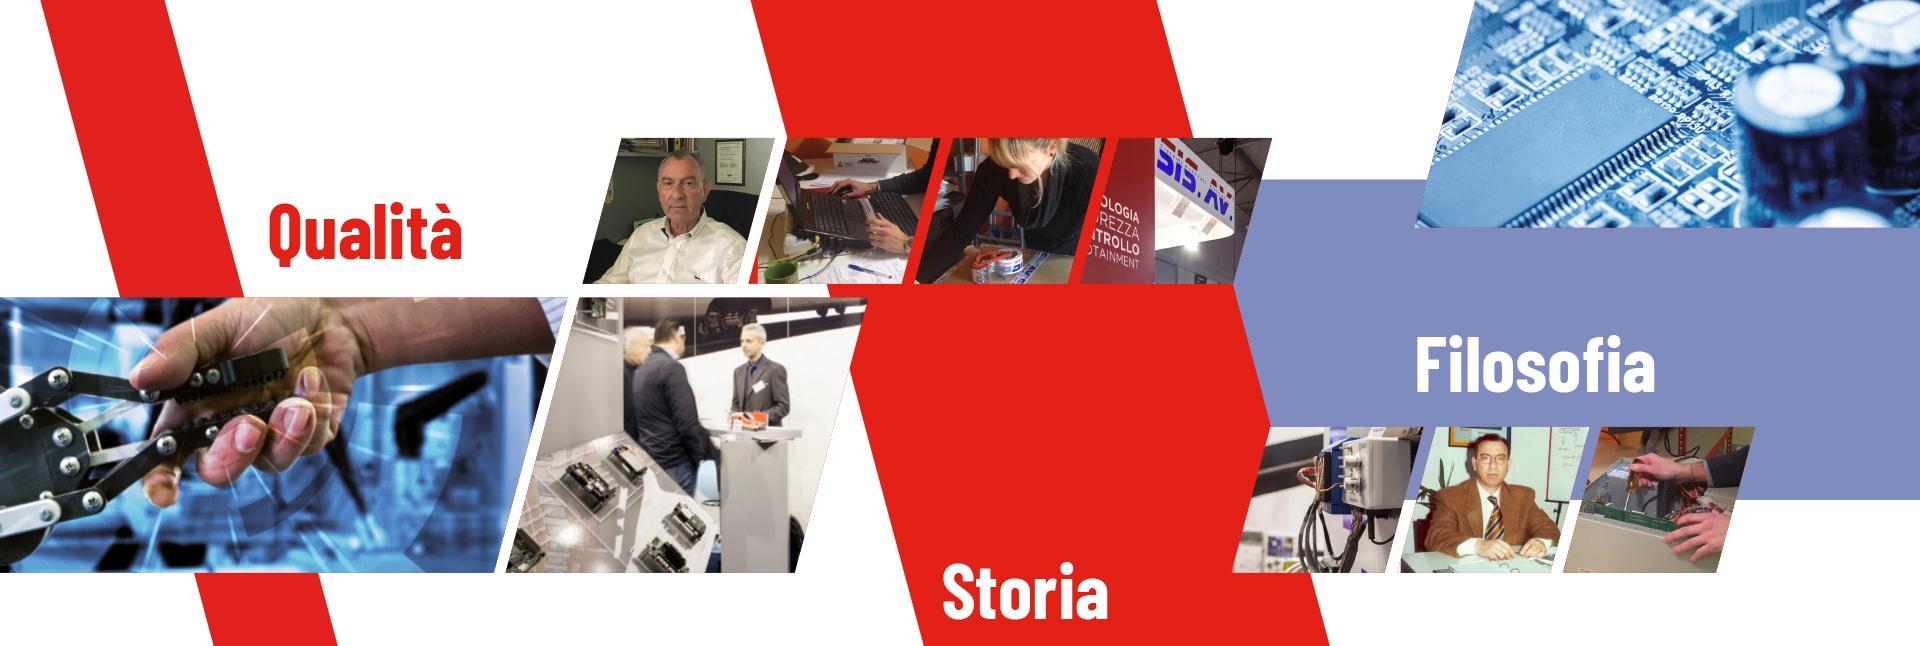 SISAV - La nostra azienda